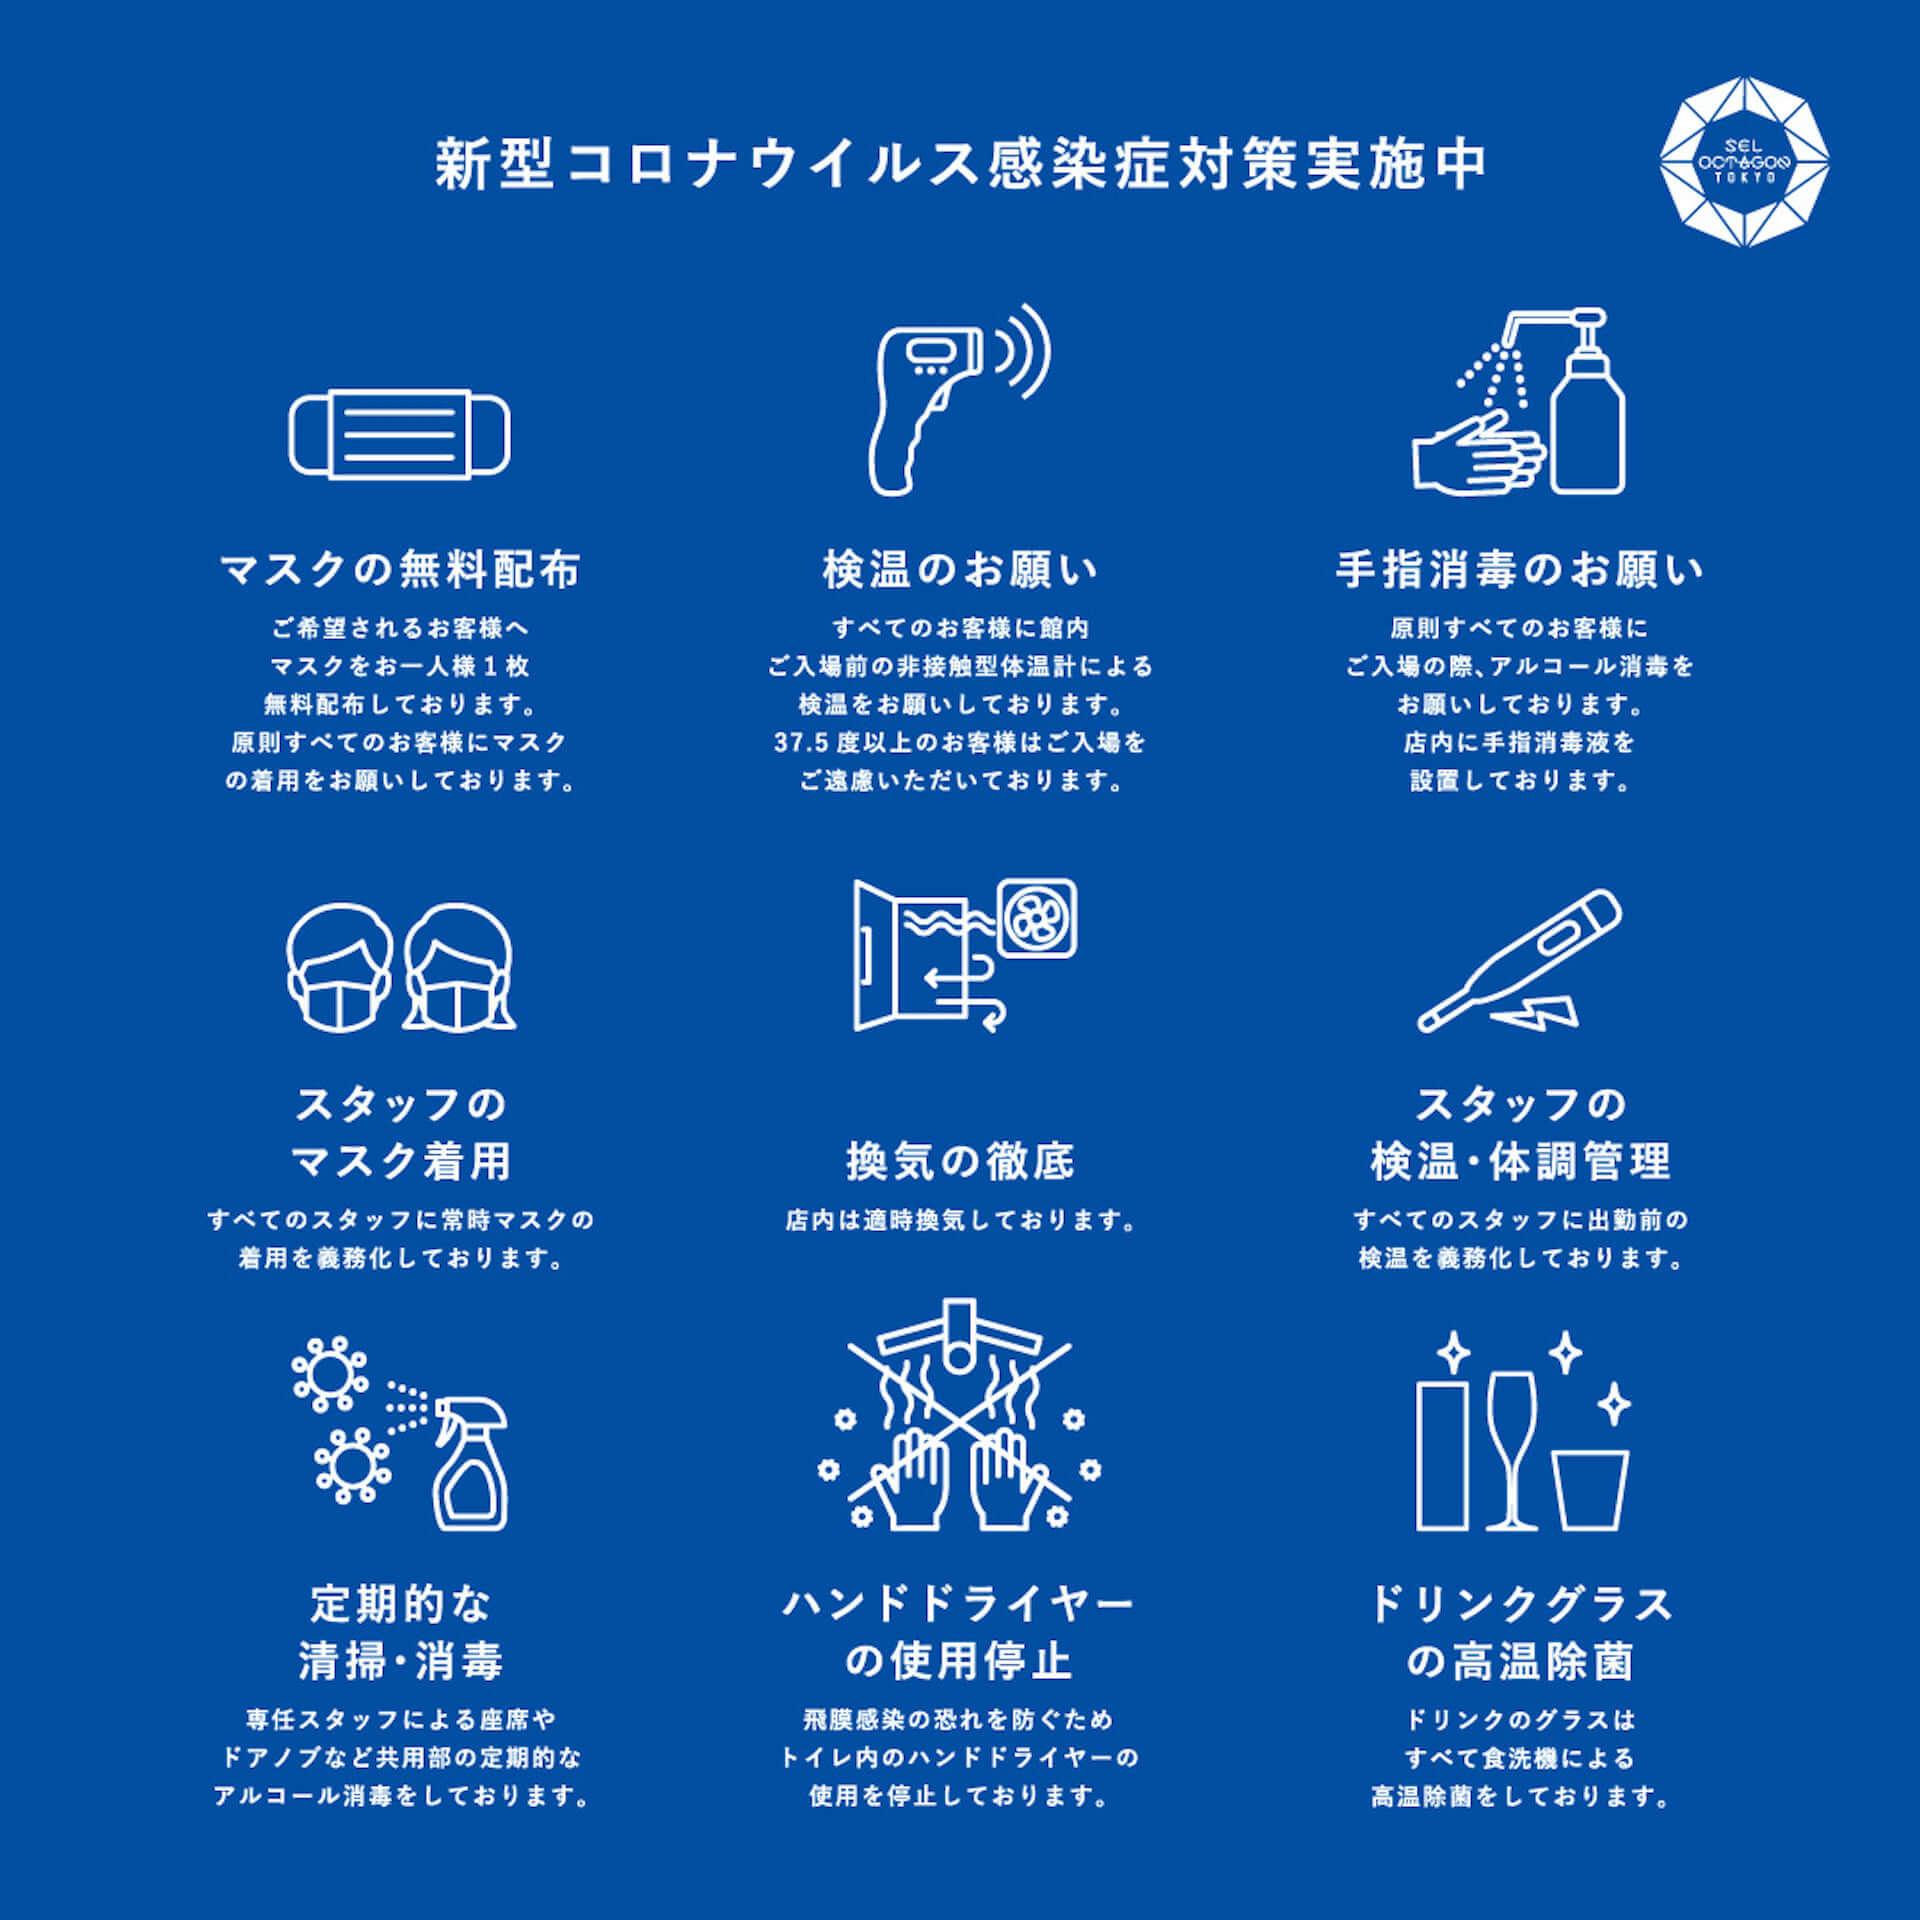 六本木「SEL OCTAGON TOKYO」が日本初のラウンジクラブとしてリニューアルオープン!個室感覚の新たなナイトライフを提案 music201006_sel-octagon-tokyo_13-1920x1920